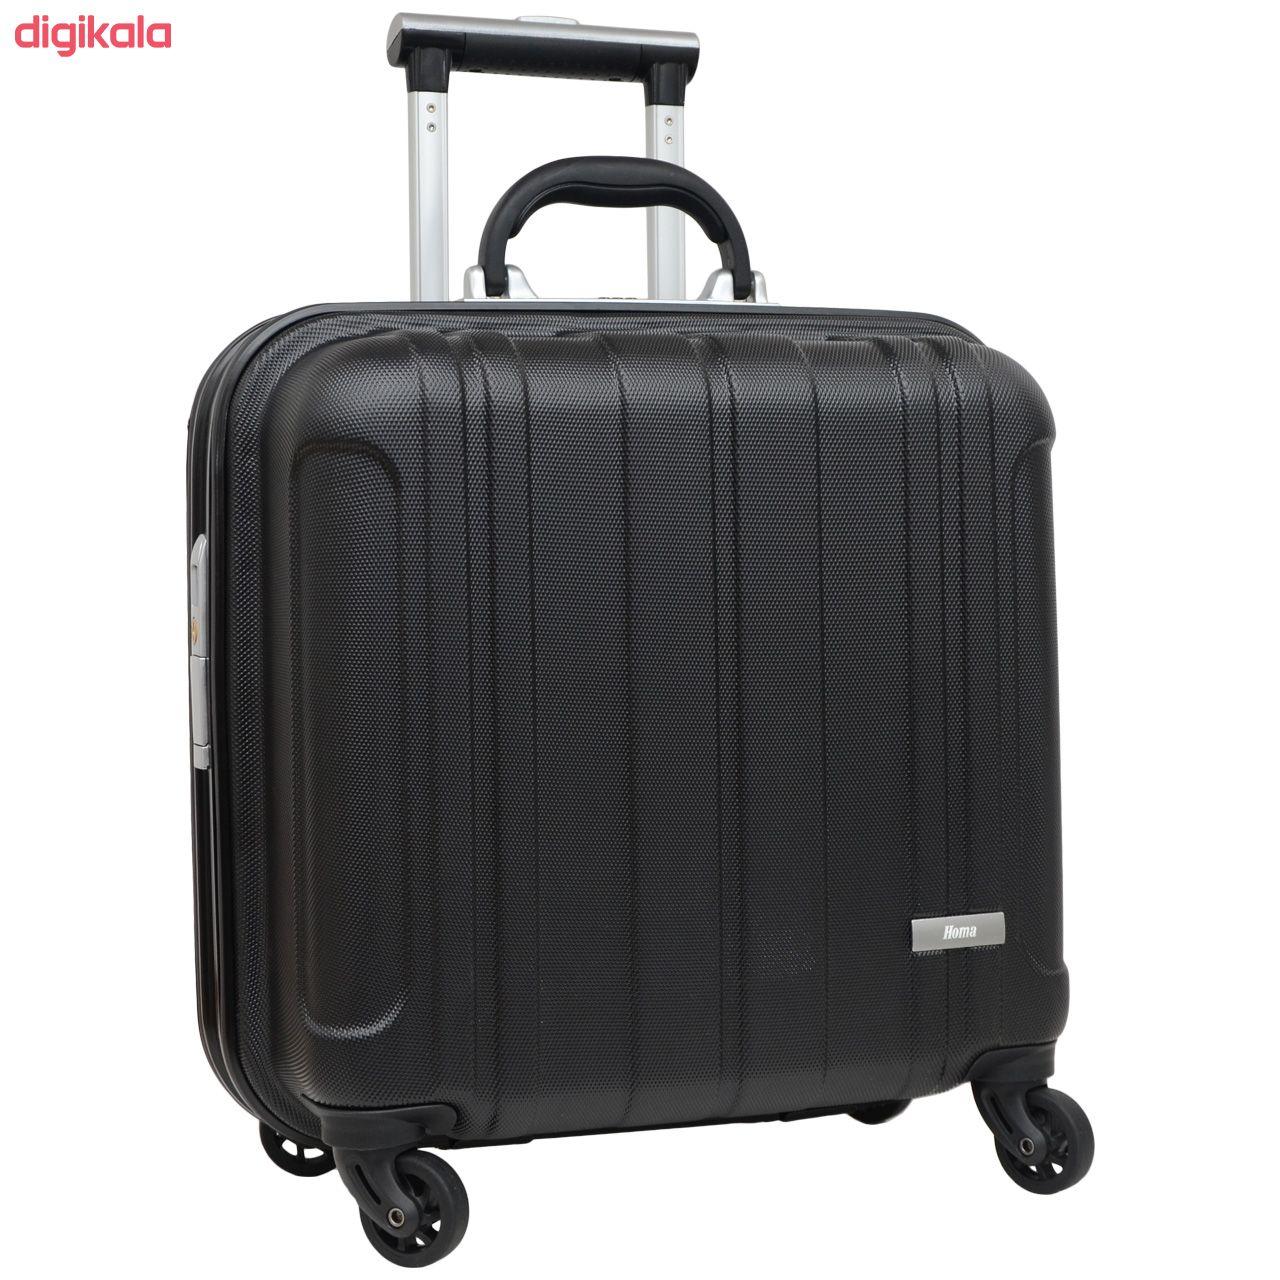 چمدان خلبانی هما مدل 600025 main 1 1